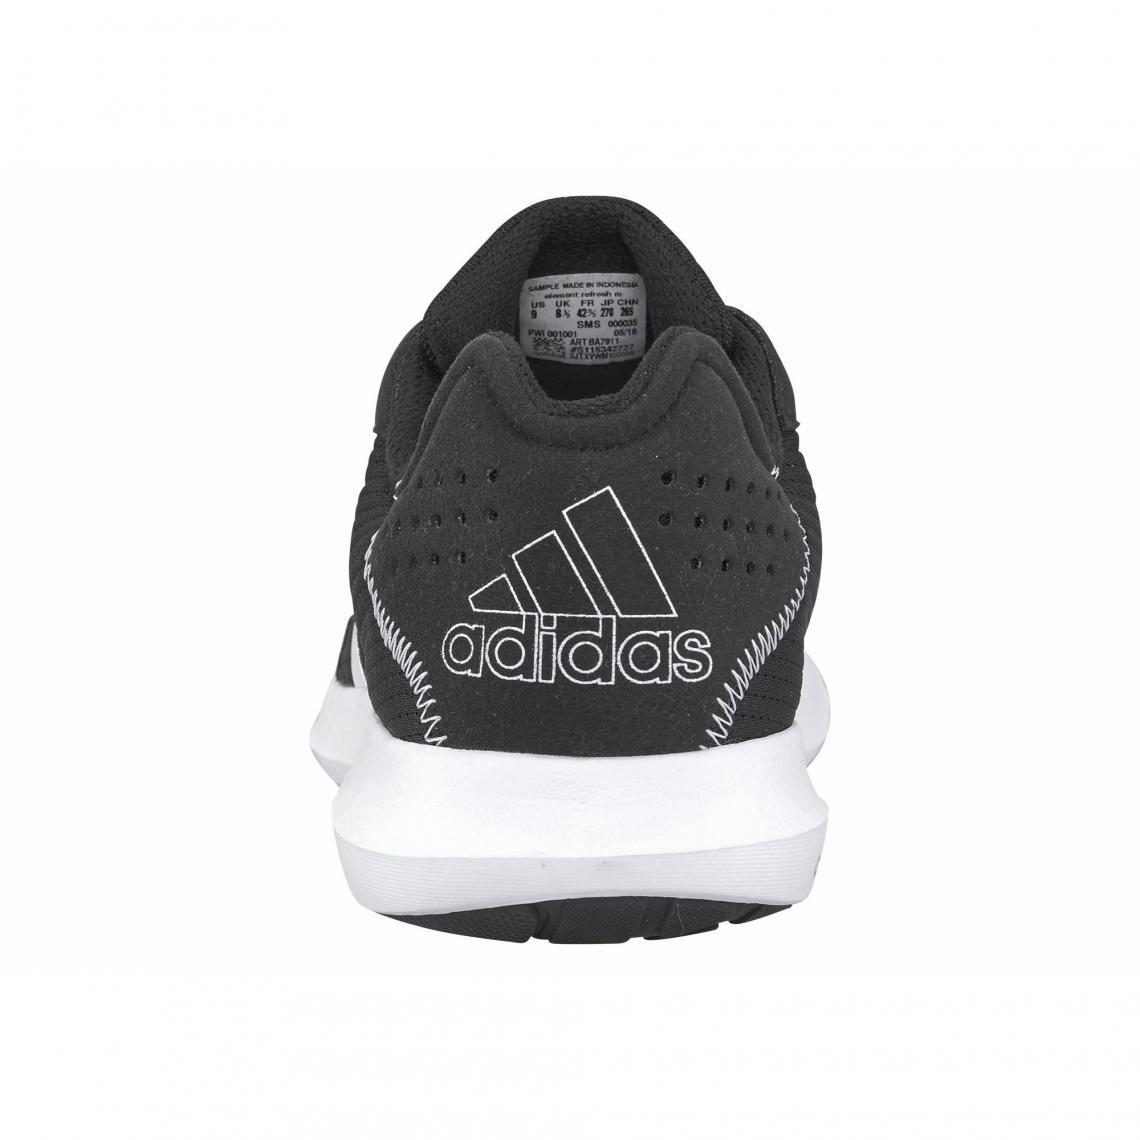 b2c4845fb6 Toutes les chaussures Adidas Performance Cliquez l'image pour l'agrandir. adidas  Performance Element Refresh chaussures de running homme - Noir - Blanc ...